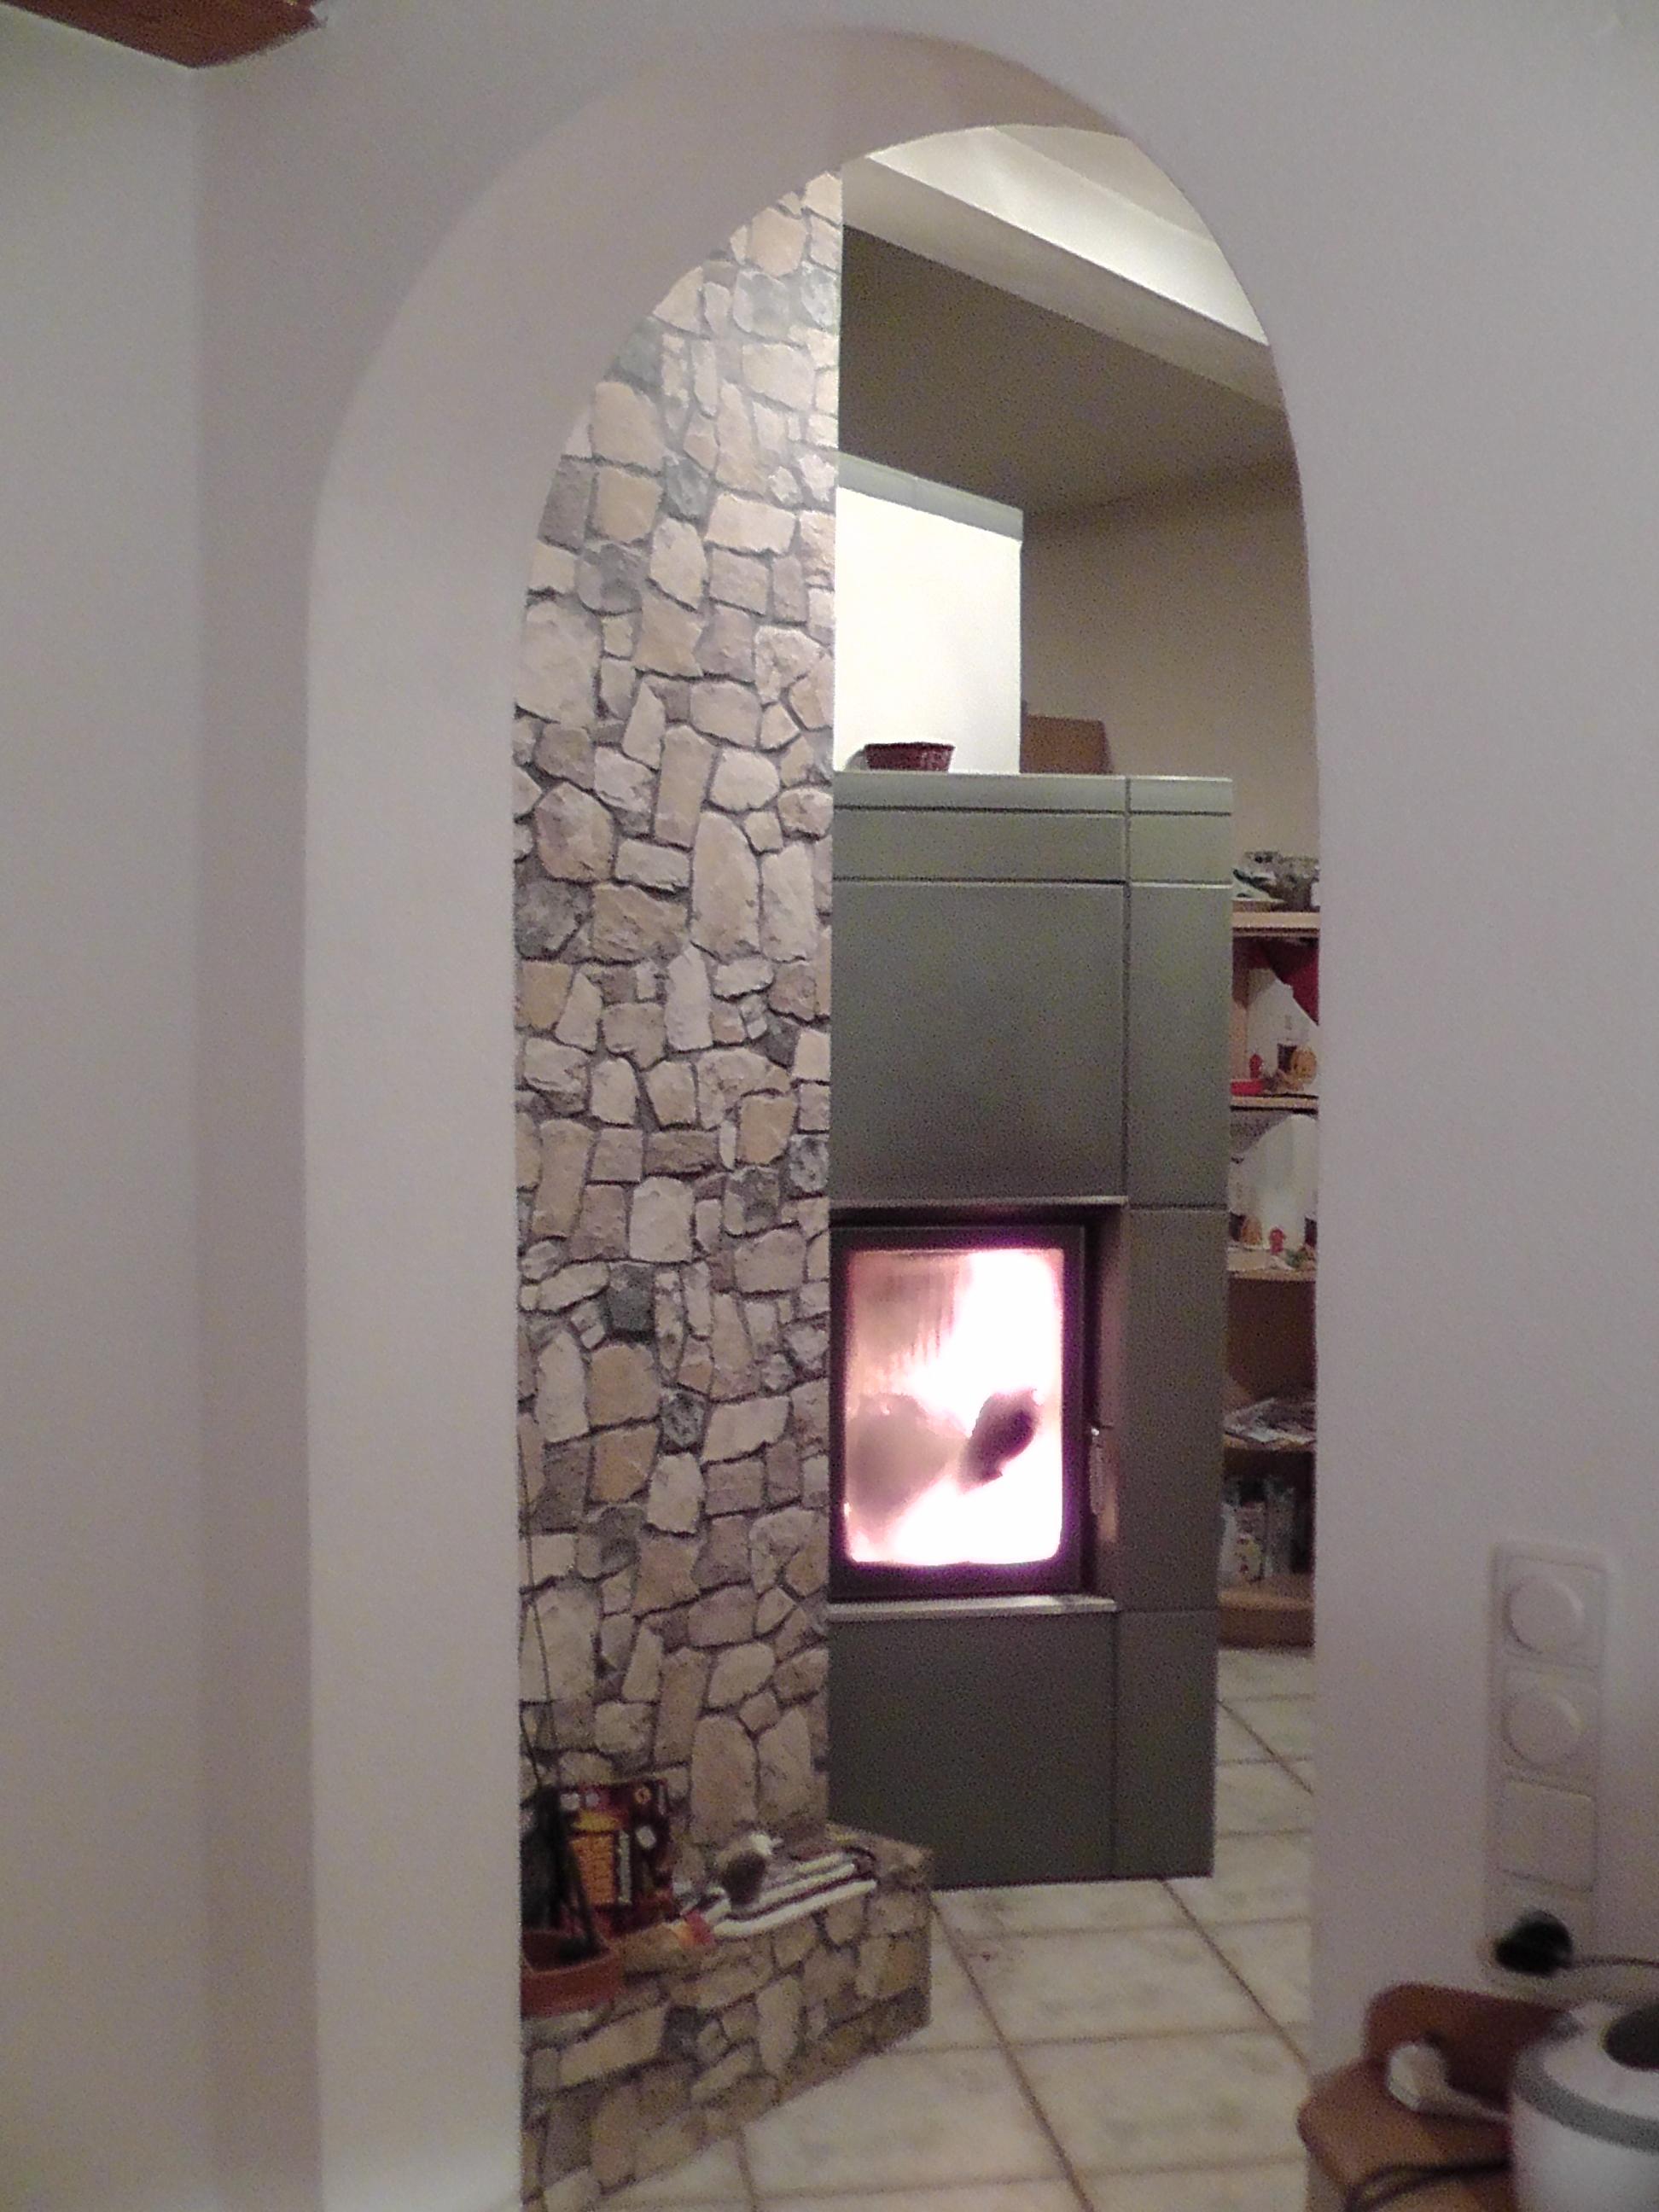 Sehr kompakter Kaminkessel (HKD 2.2 k SK f EOS und BHZ) in kleiner Küche mit strukturierten Grosskacheln (Bambus-Oberfläche); 2010